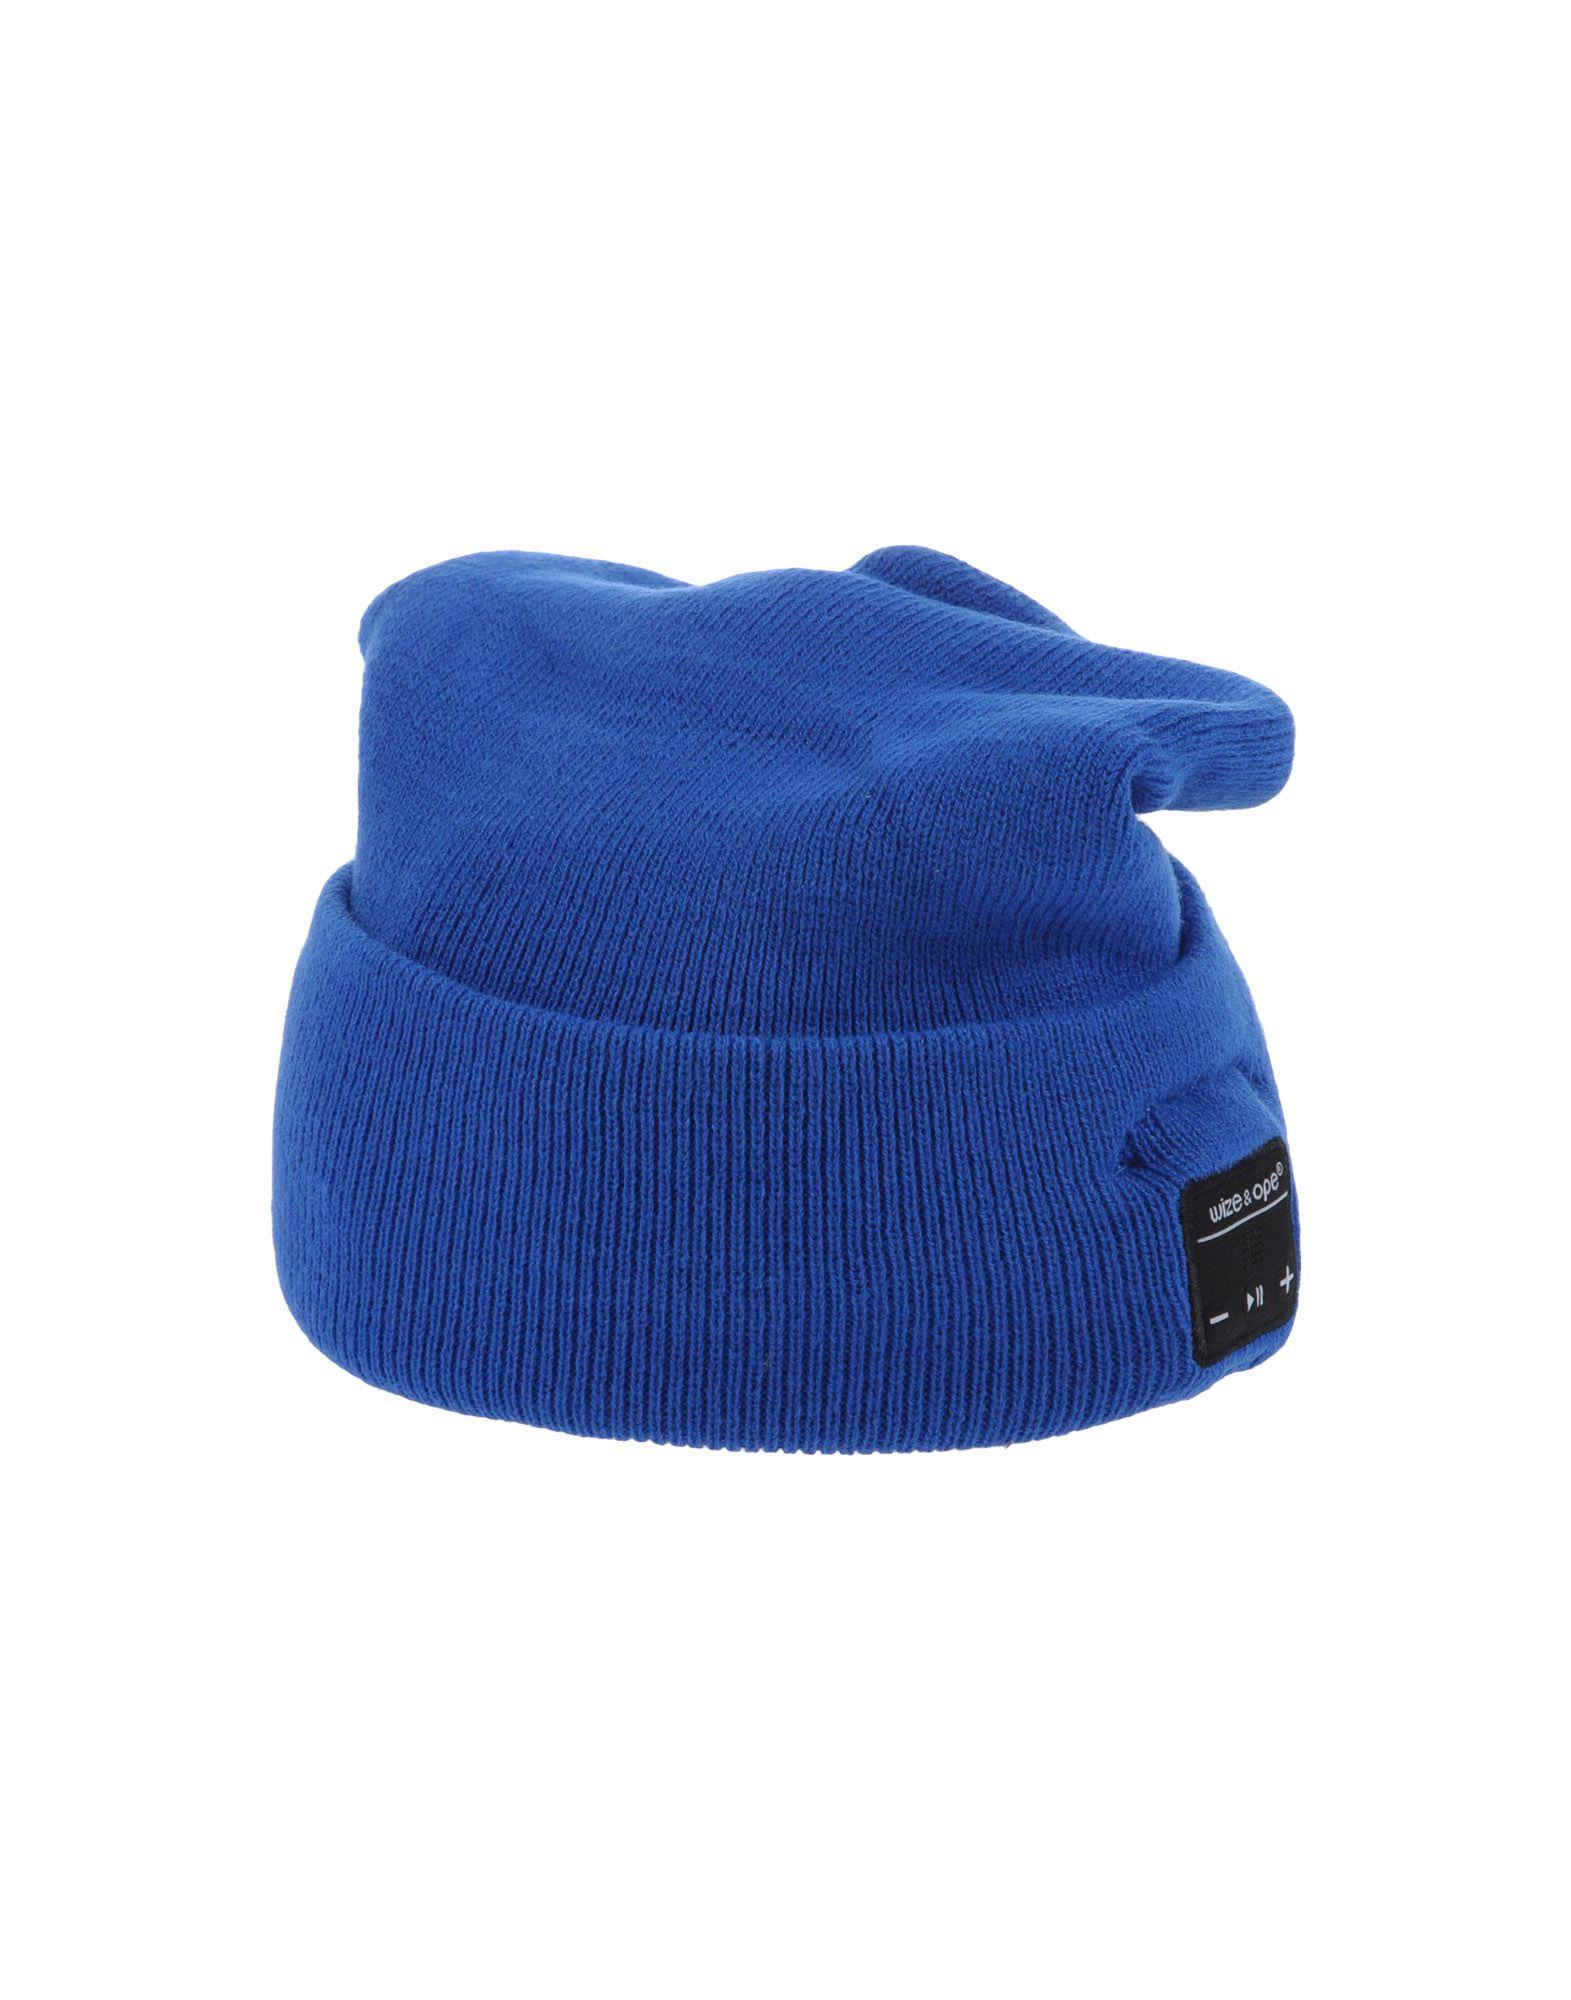 《送料無料》WIZE & OPE レディース 帽子 ブルー one size アクリル 100%